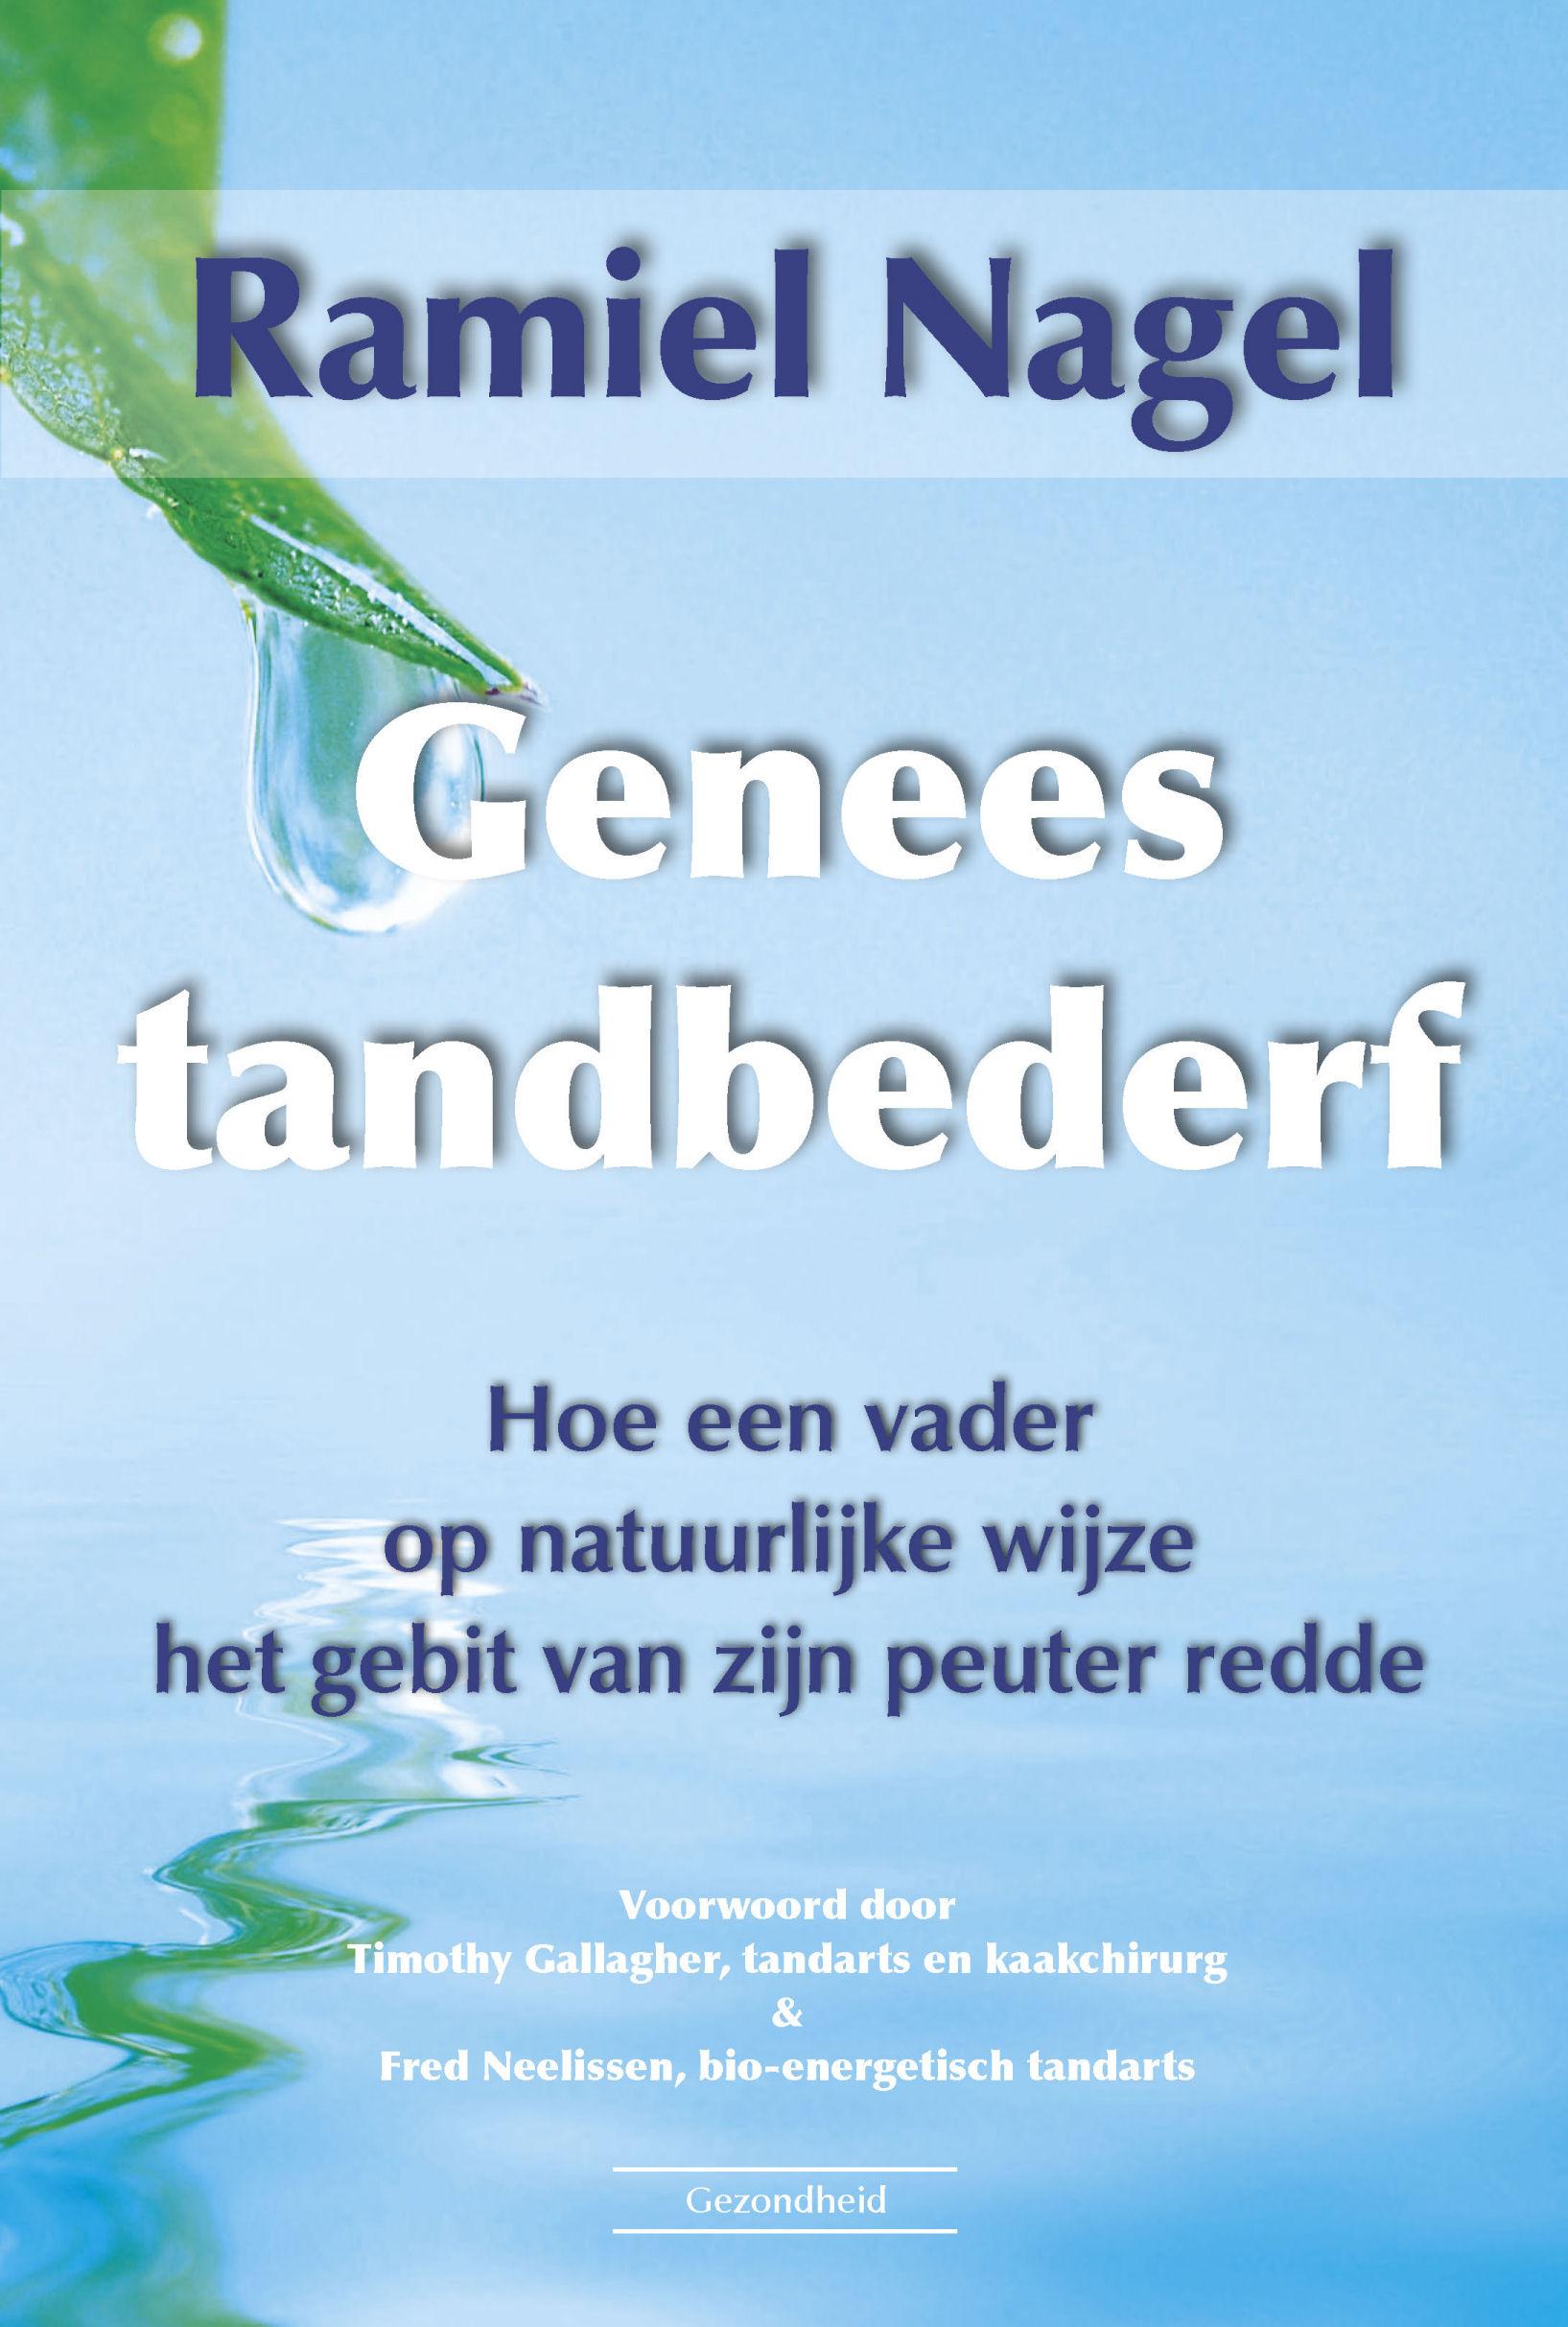 Boek: Genees Tandbederf, van Ramiel Nagel